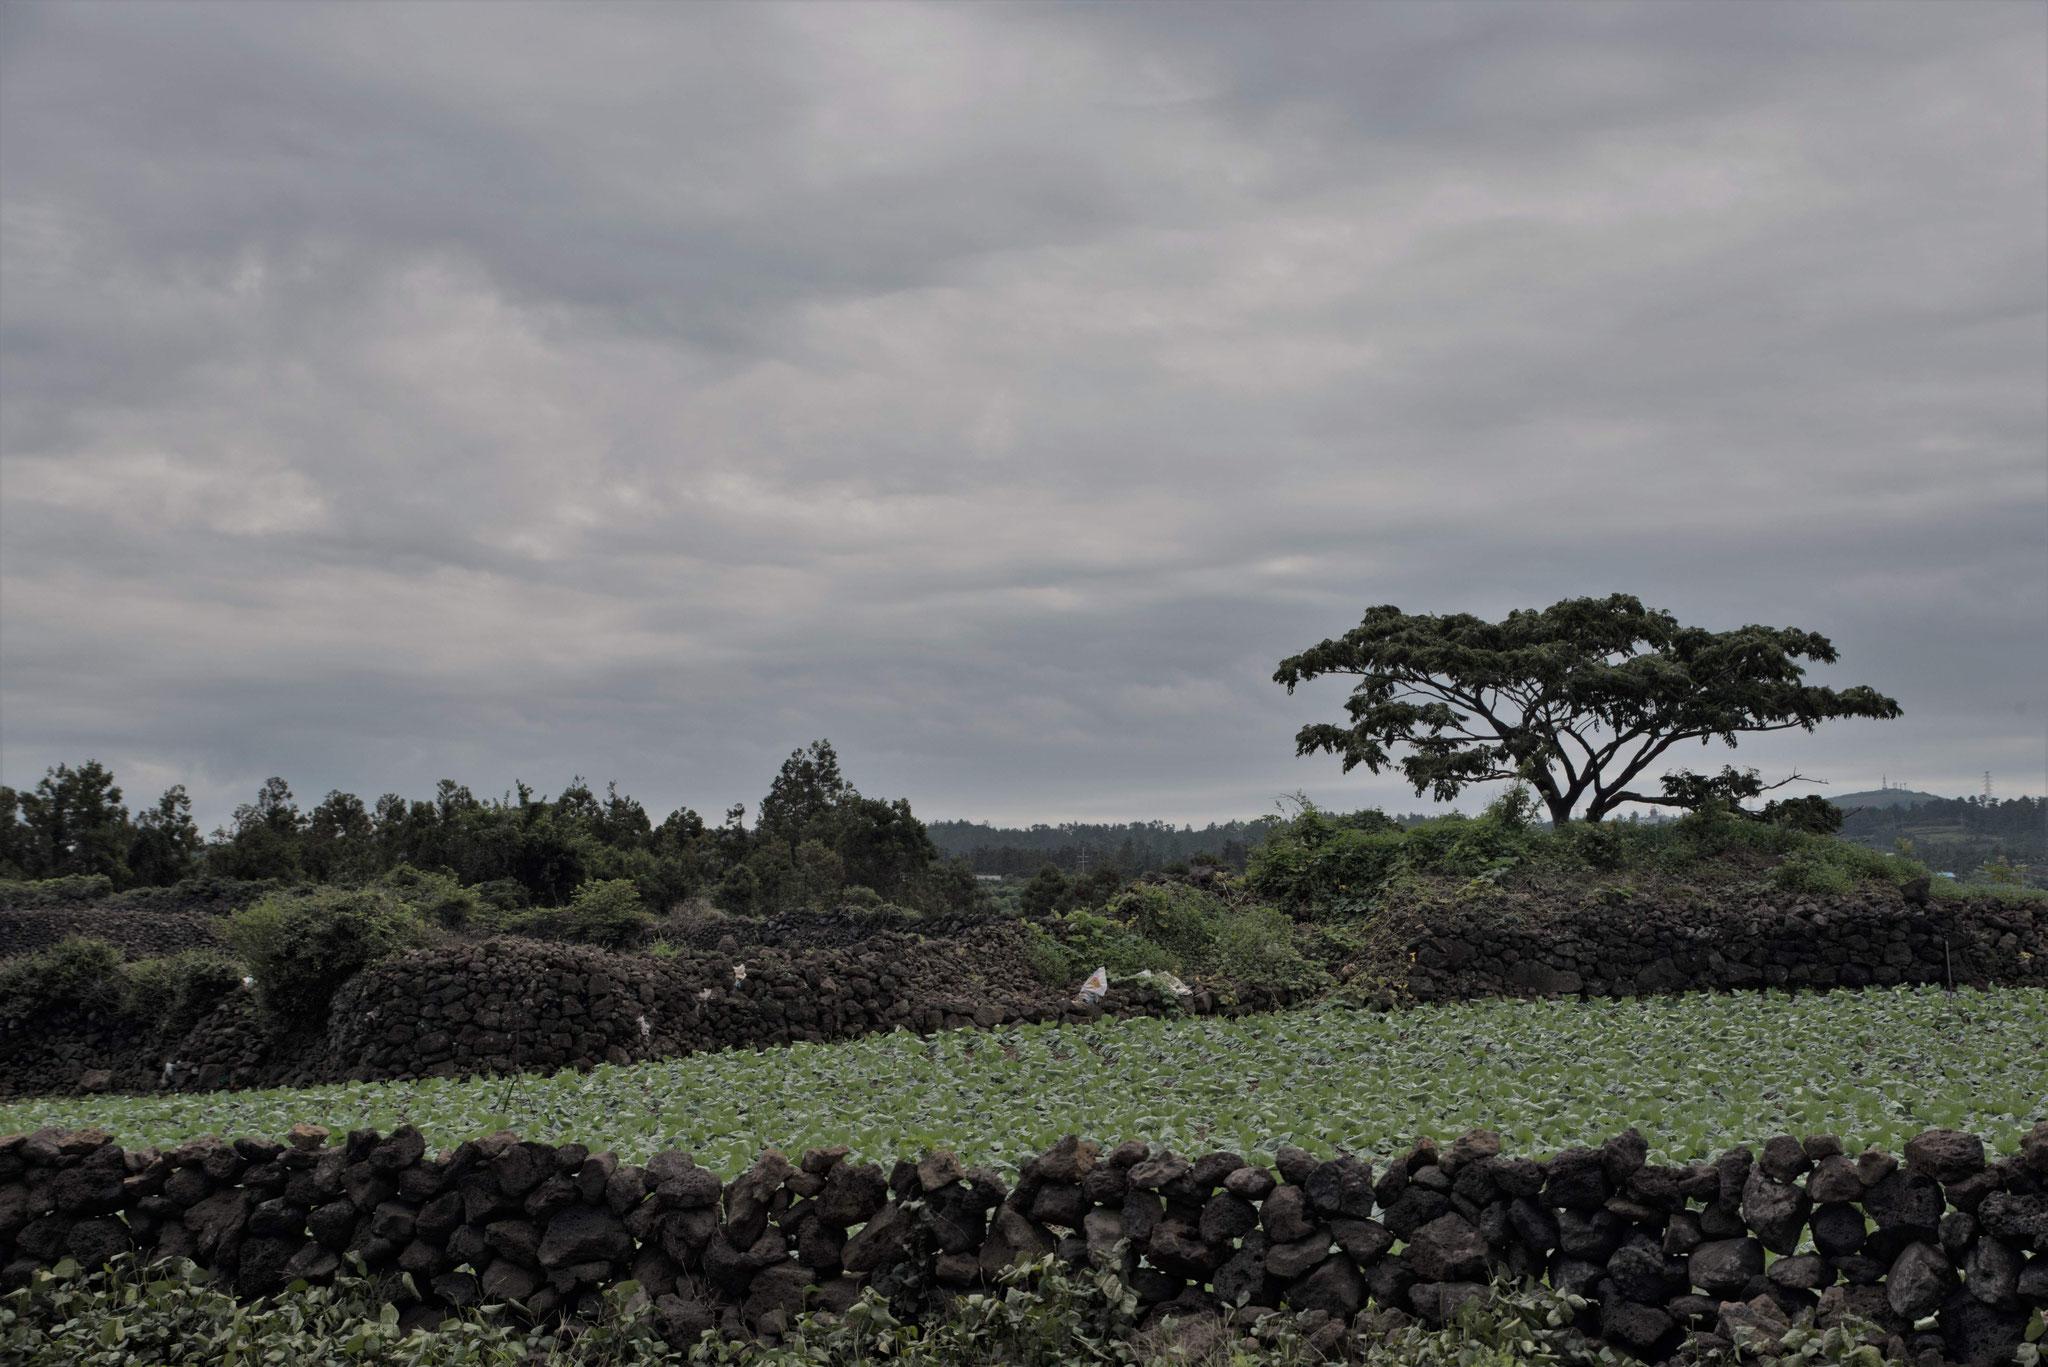 Steinmauern umzäunen die Felder